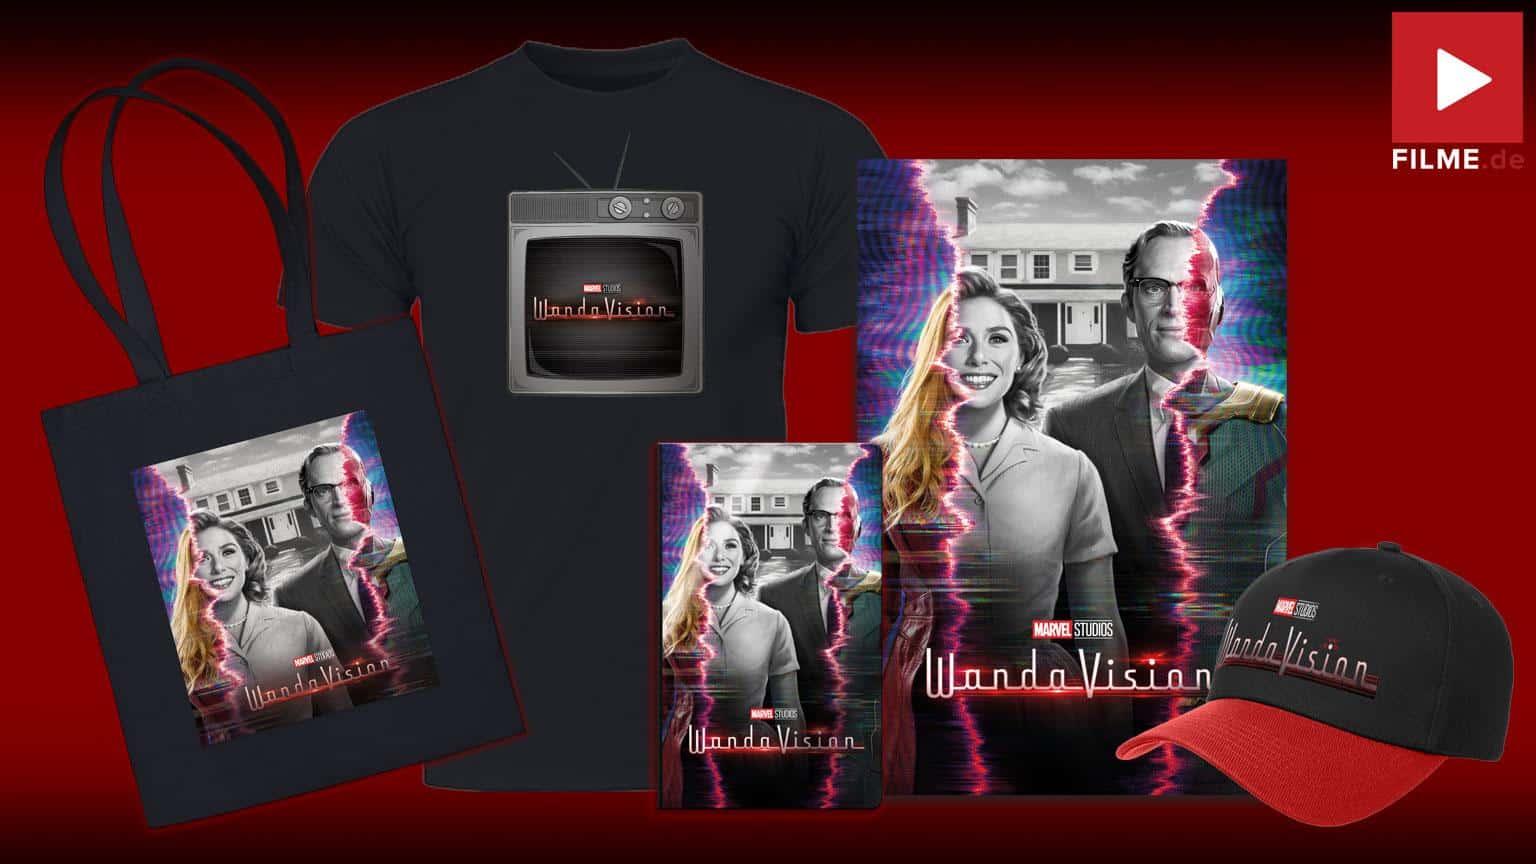 Marvel VandaVision Streaming Gewinnspiel Disney+ Plus shop kostenlos sehen Artikelbild Gewinnspiel gewinnen